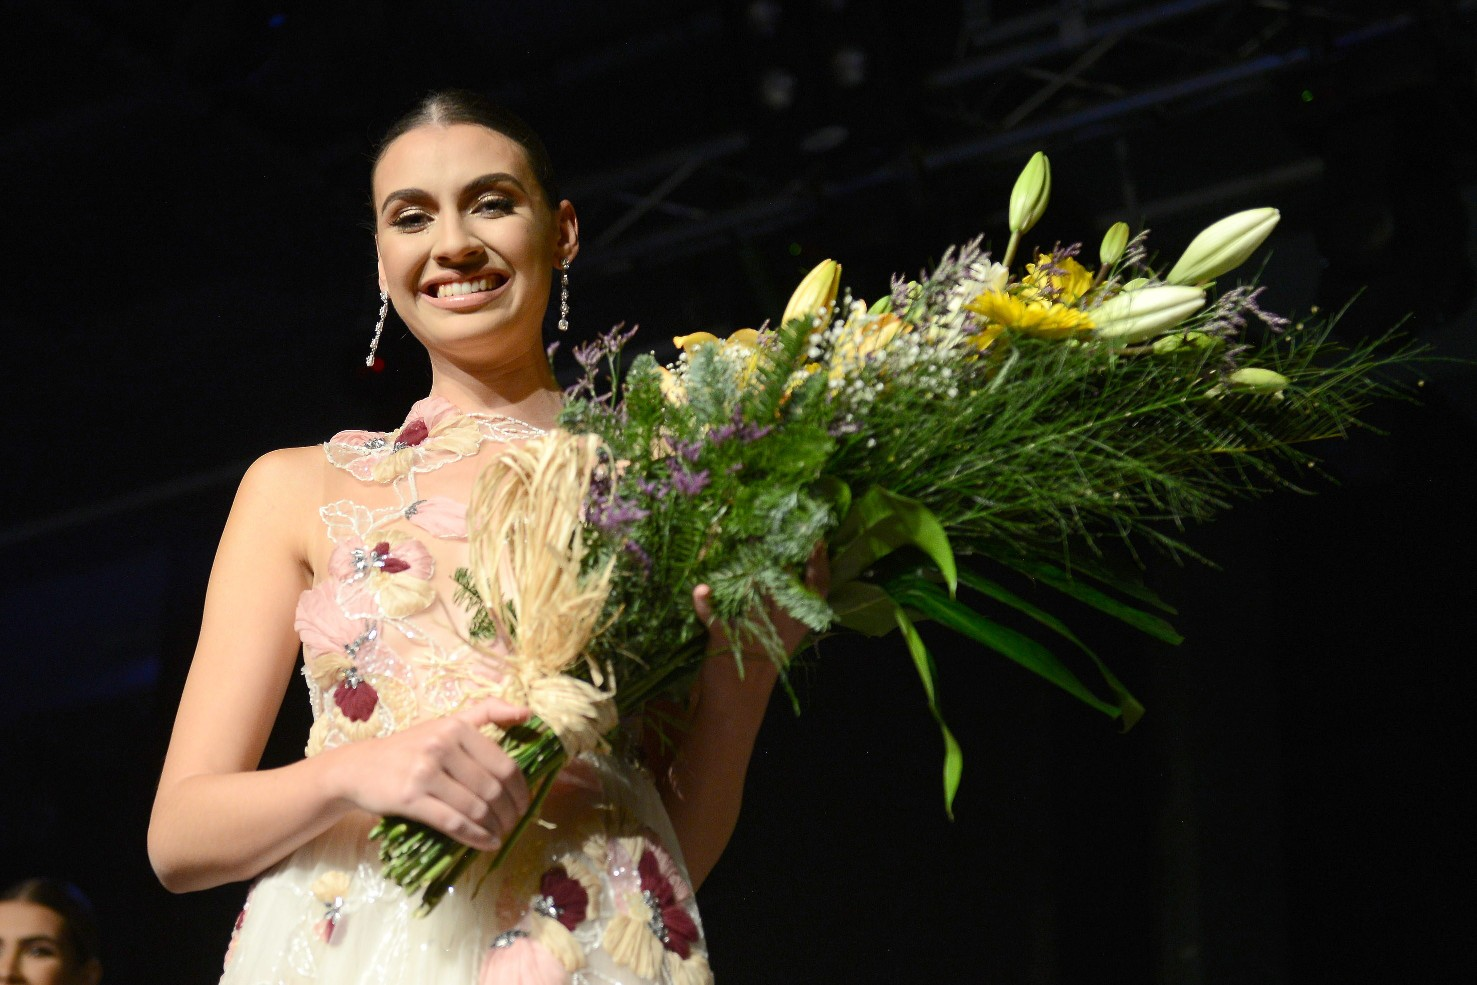 Ariadna Fregel recibe el ramo como ganadora del concurso / Foto: Sergio Méndez